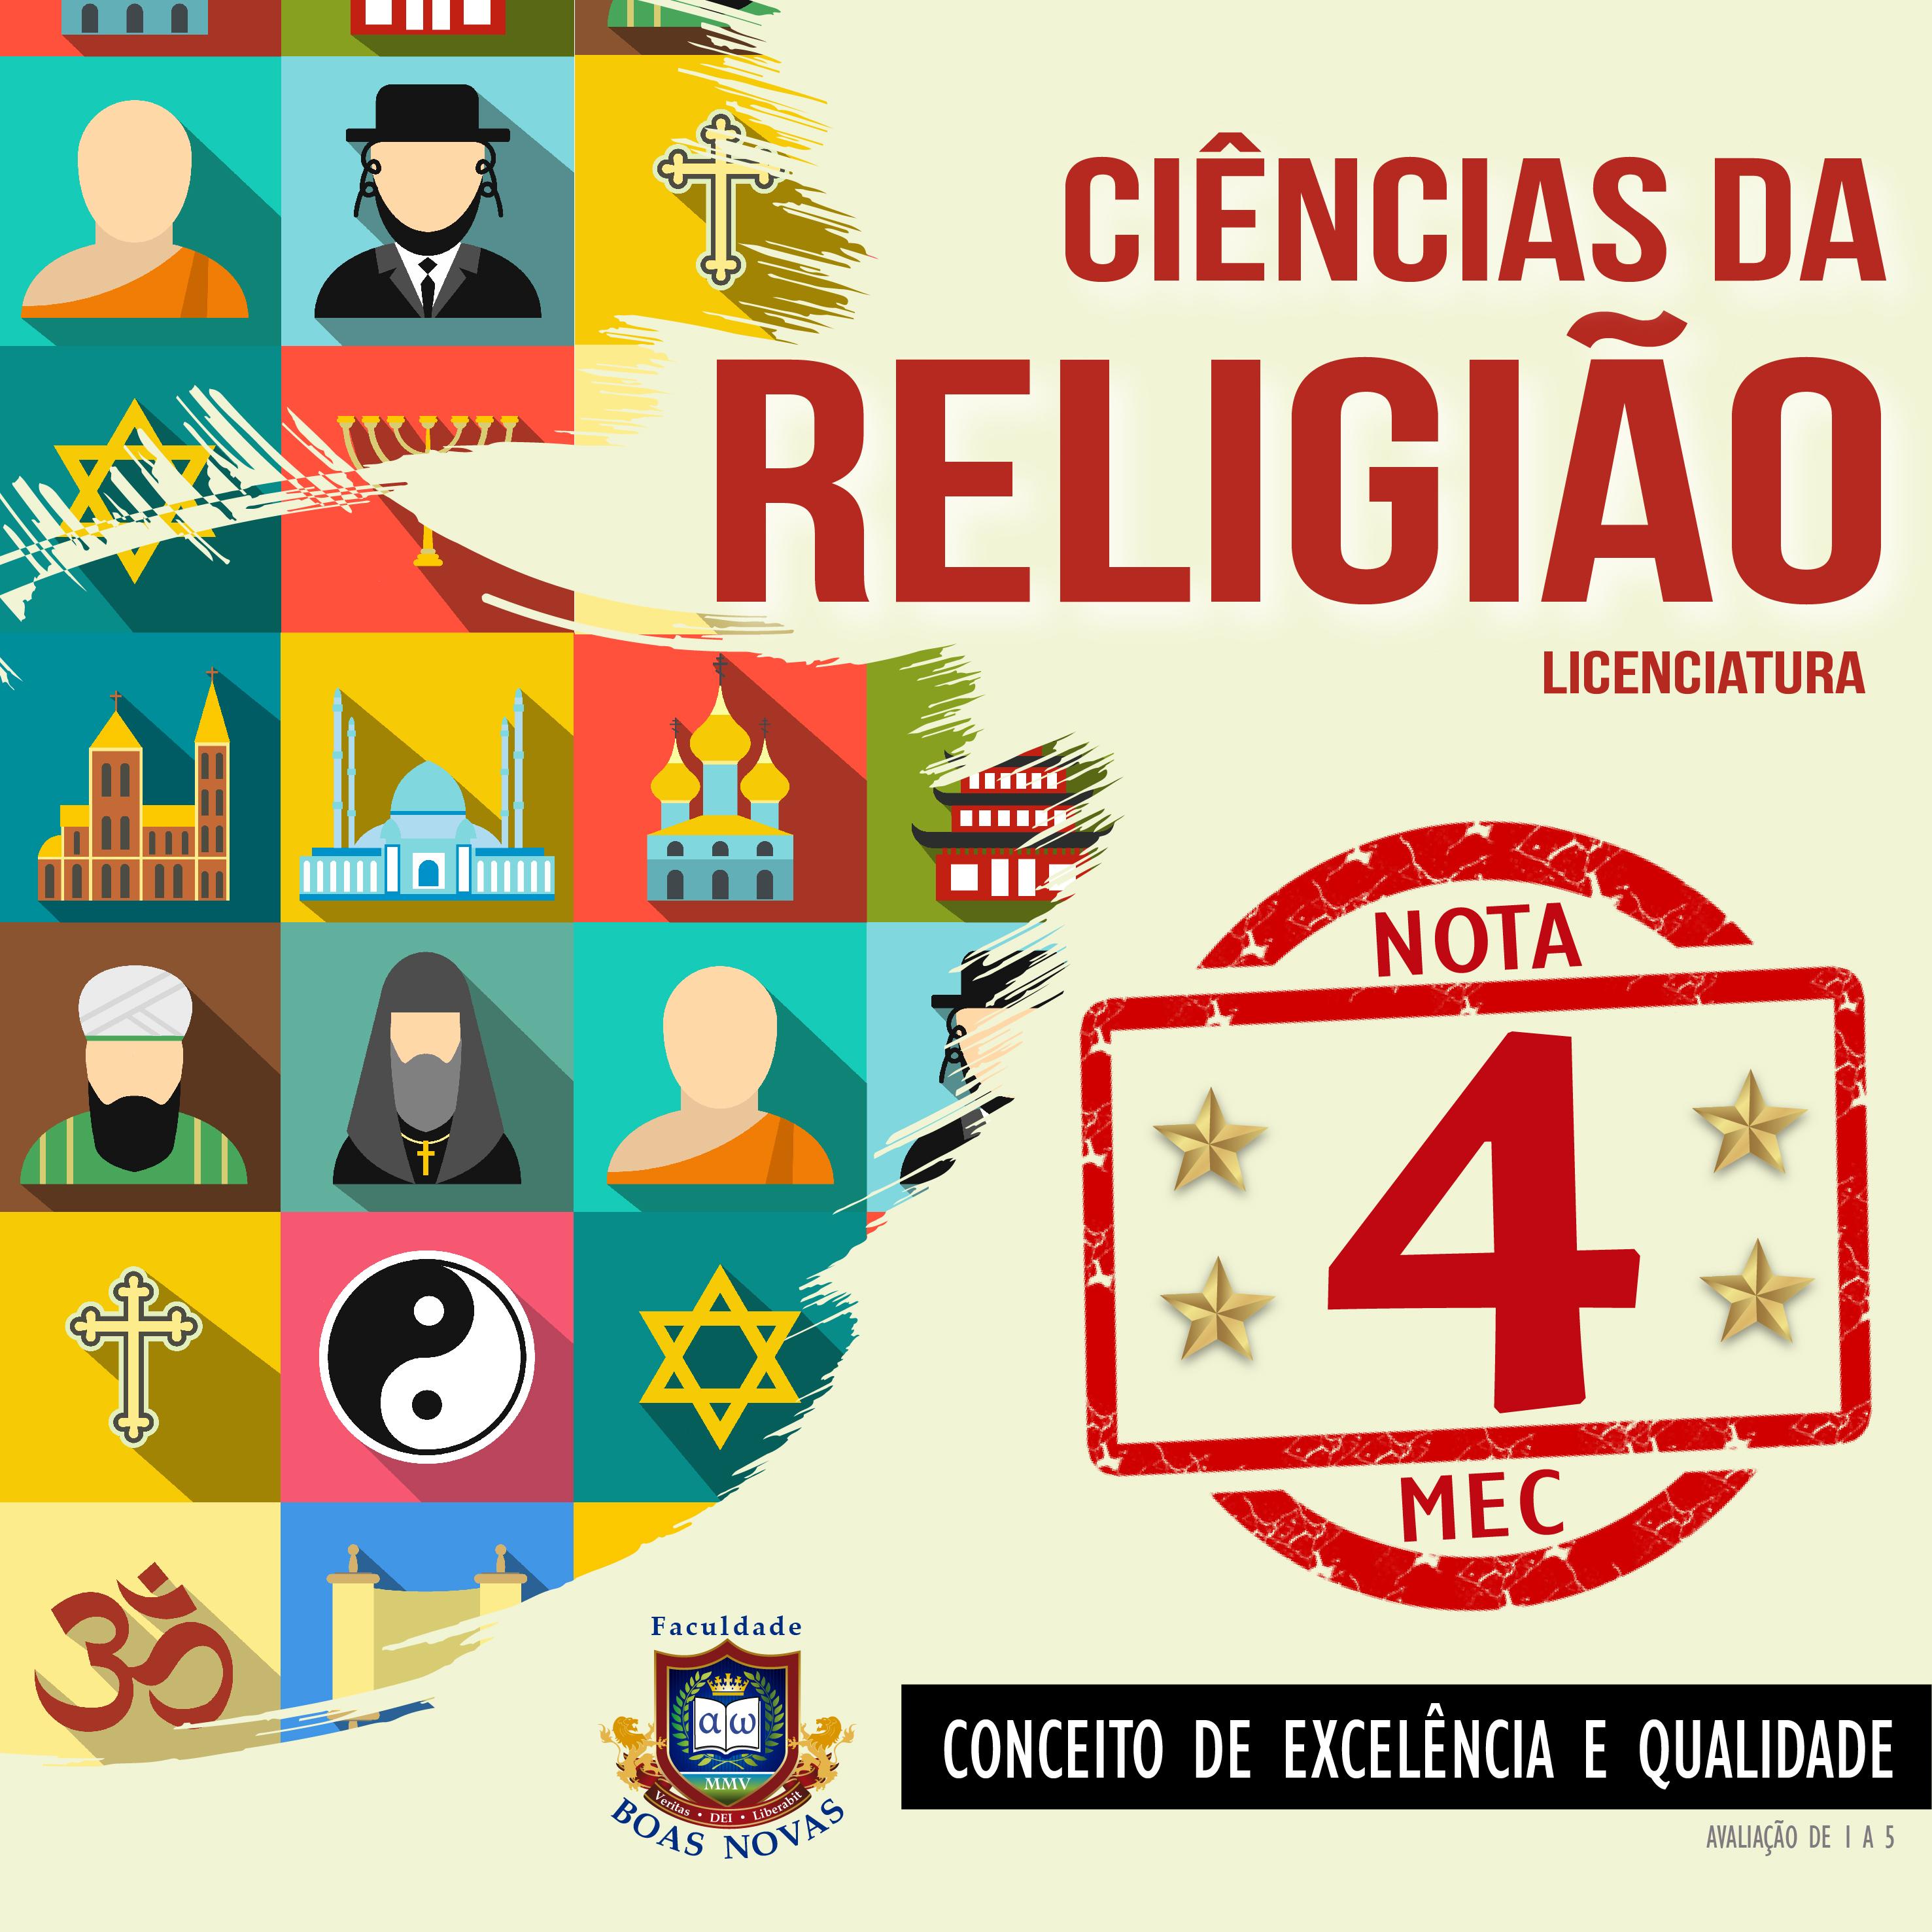 Ciências da Religião é o novo curso da FBN